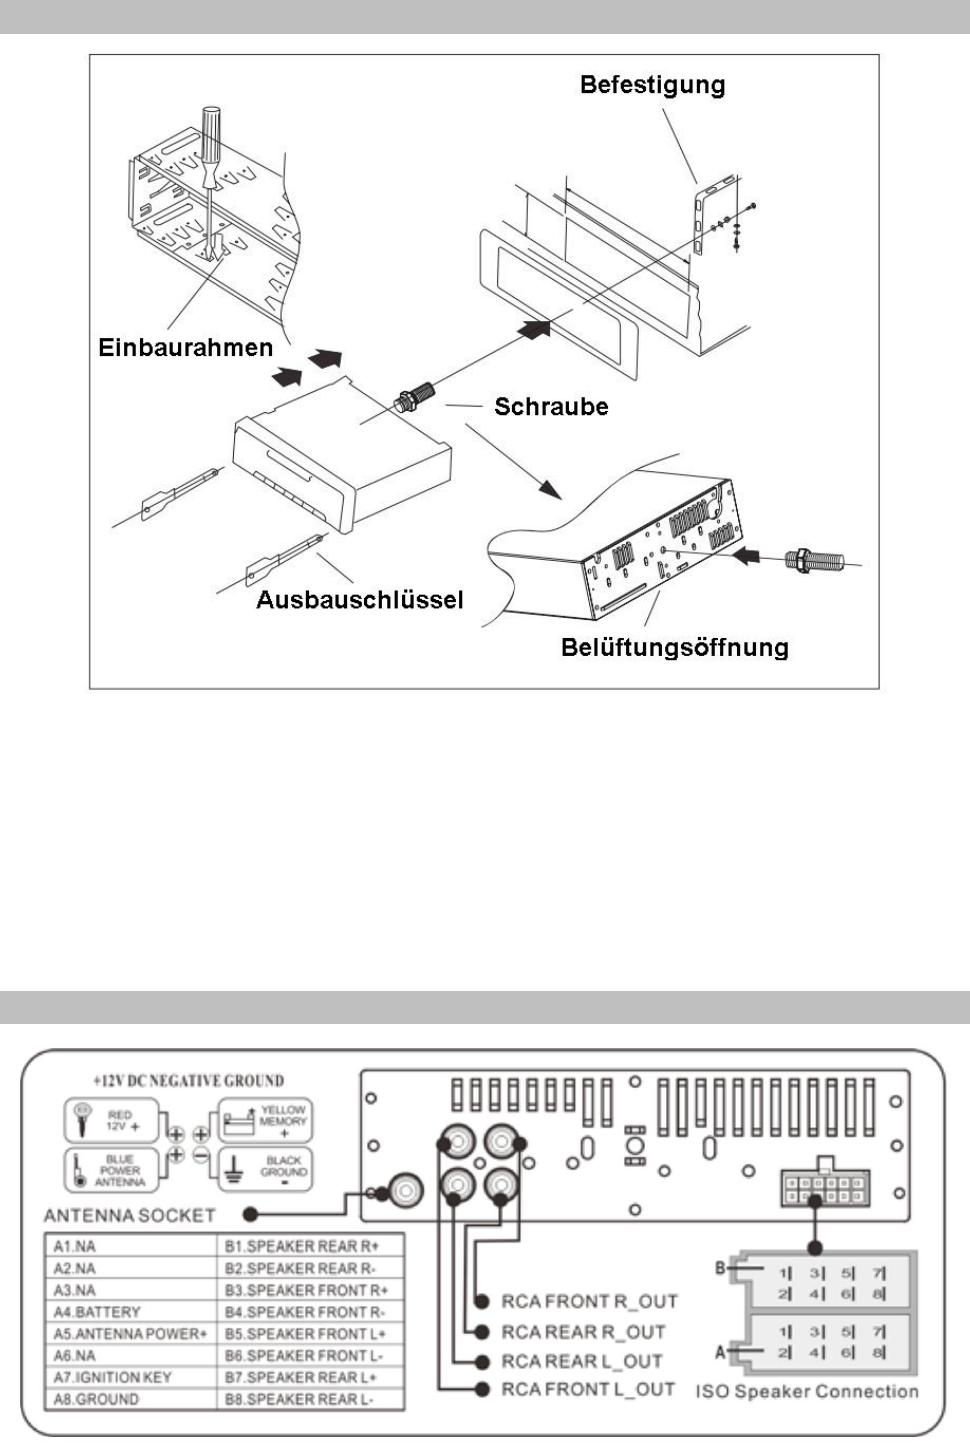 Handleiding Auna MD120 10006450 (pagina 8 van 10) (Deutsch, English)